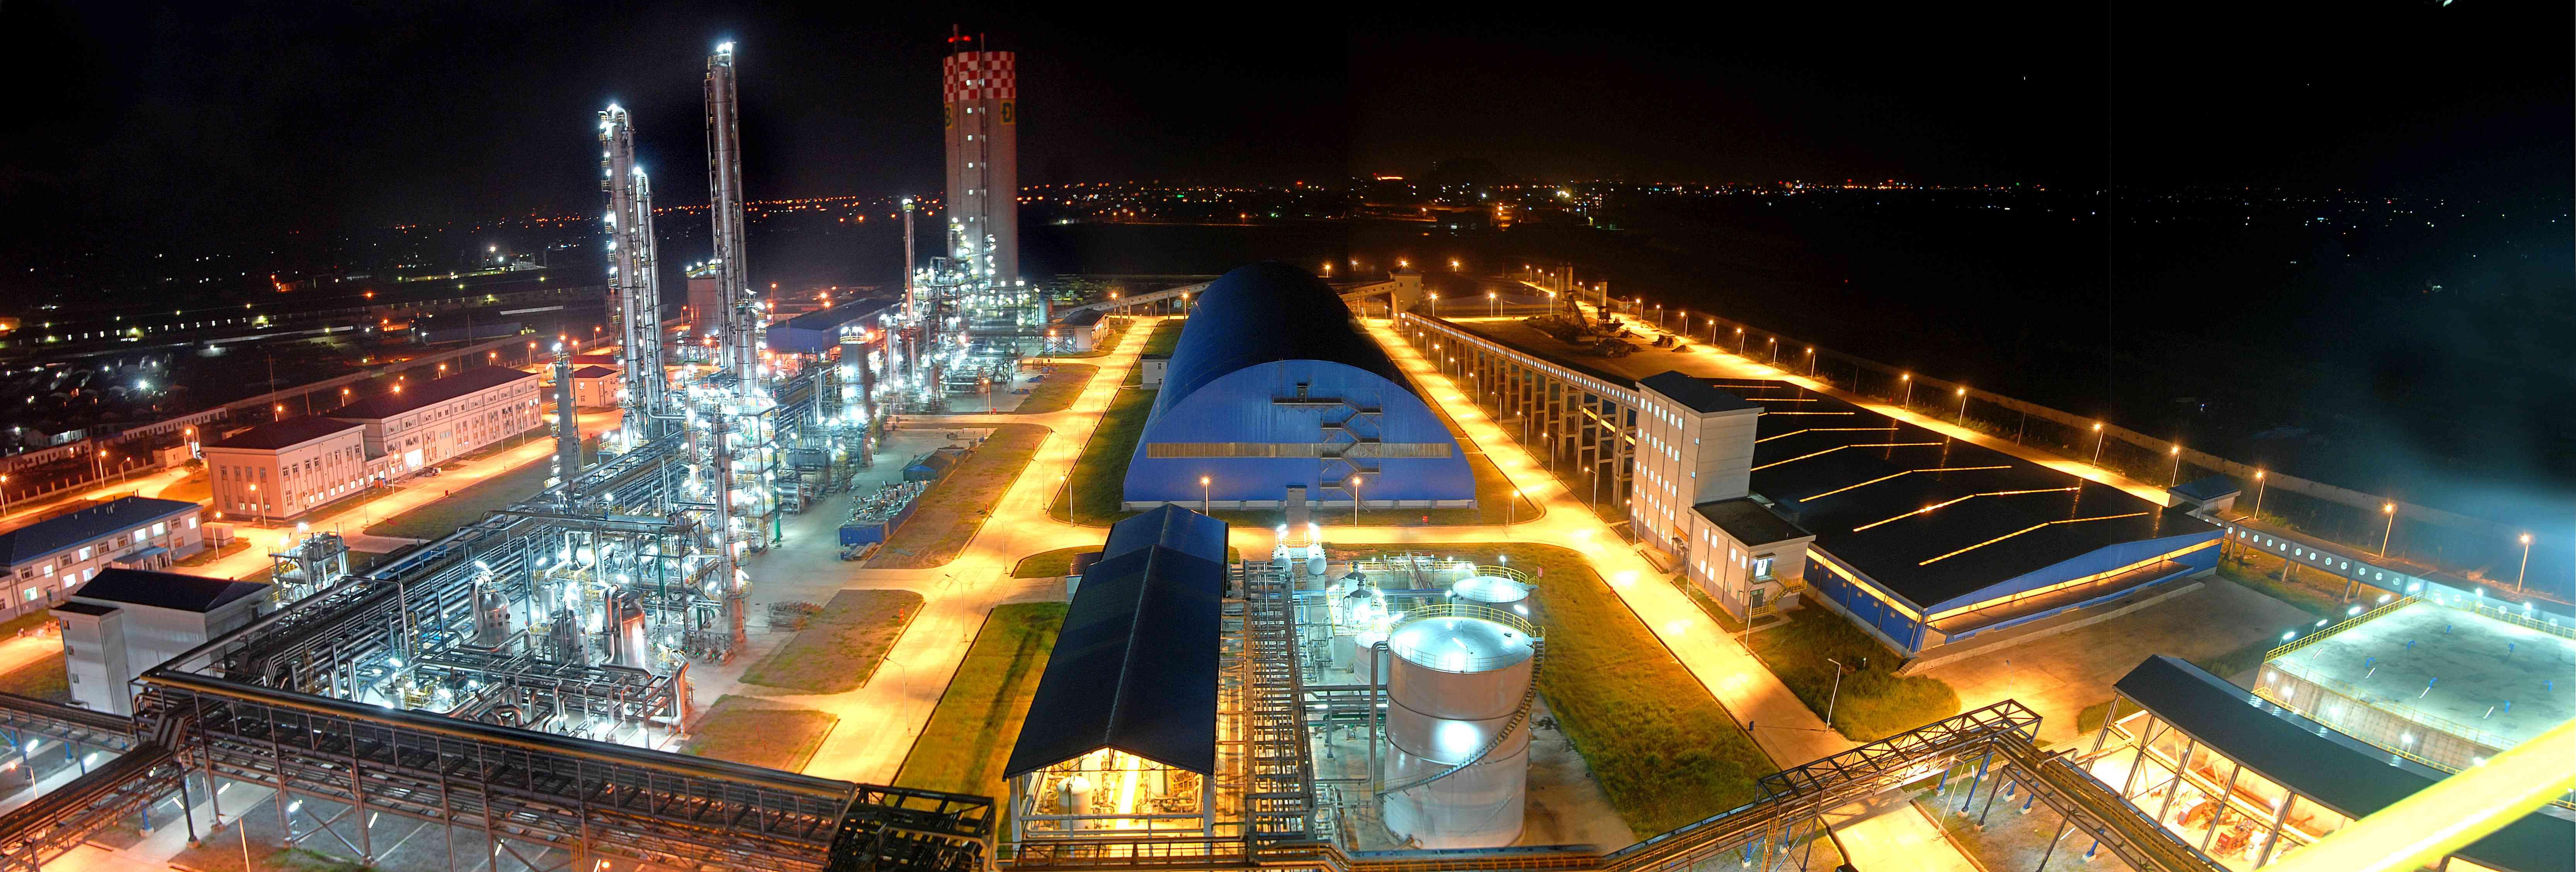 越南宁平化肥厂装置夜景